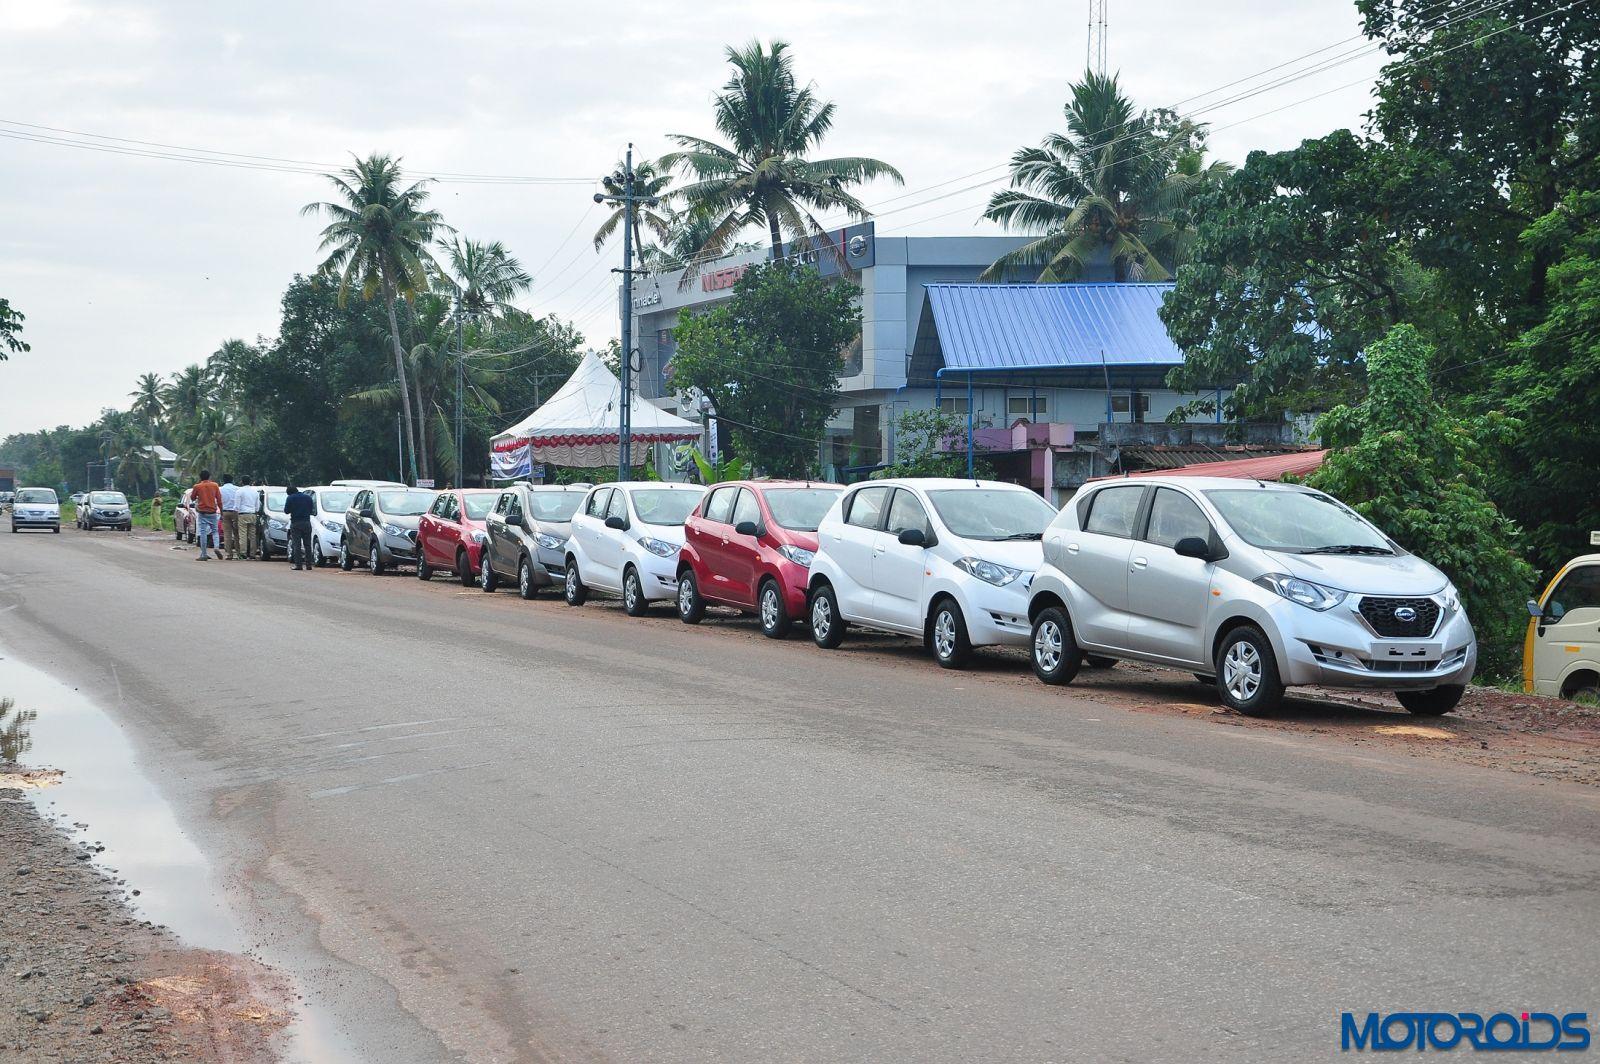 Datsun redi-Go 50 units delivered (2)